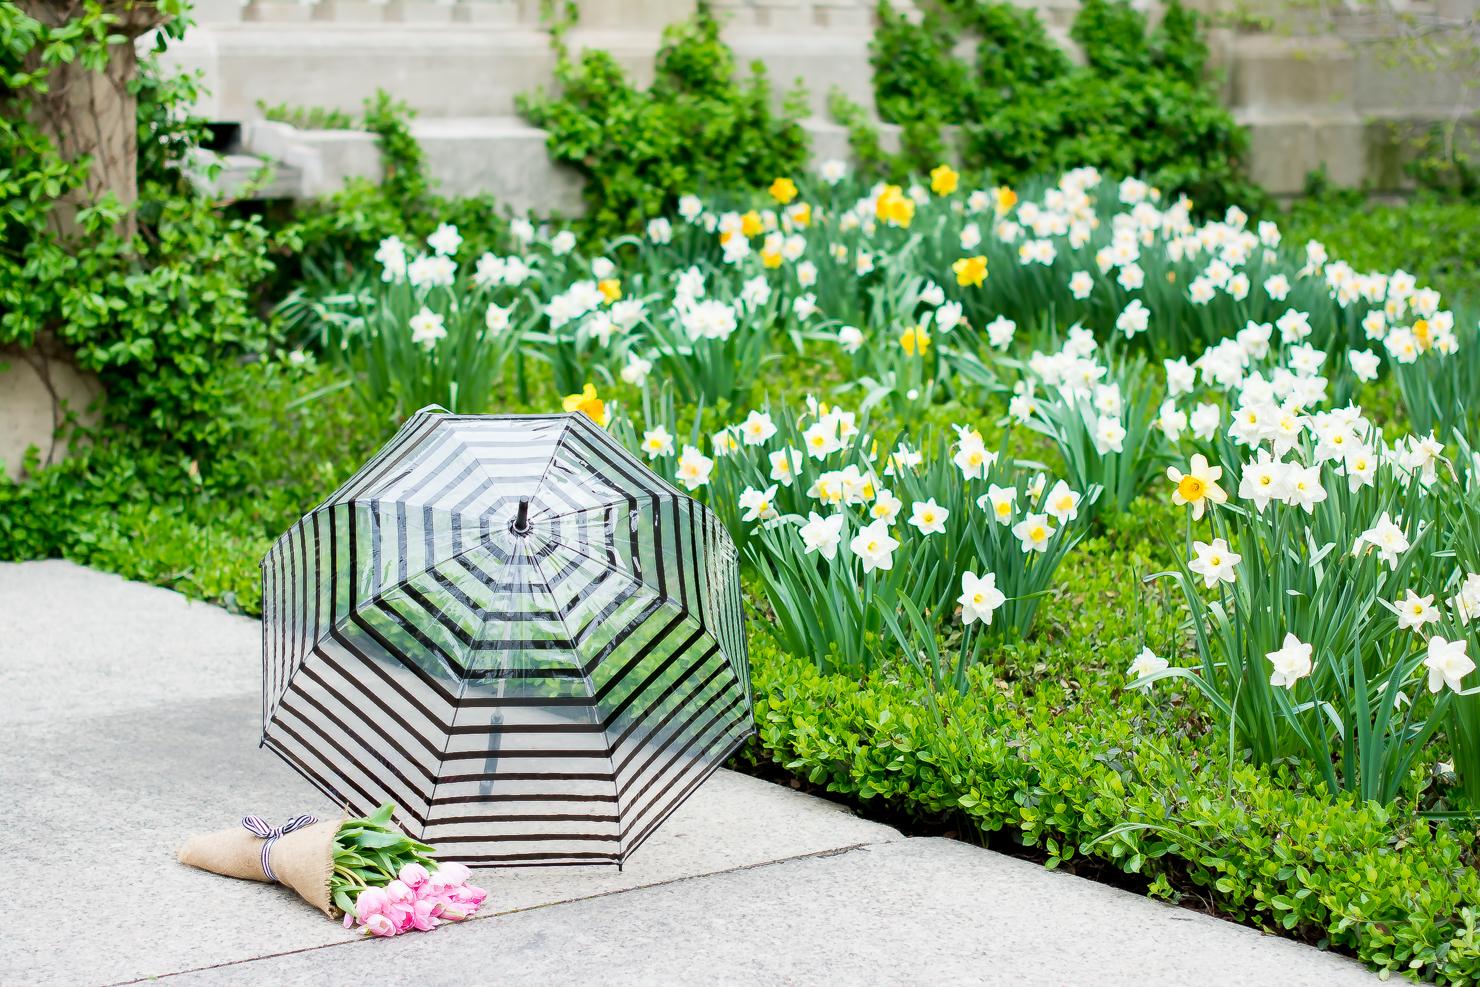 f8e5f7da85 H&M-black-lace-midi-dress-merona-denim-jacket-adidas-neo-clean -sneakers-pink-tulips-striped-bubble-umbrella-chicago-art-institute-29